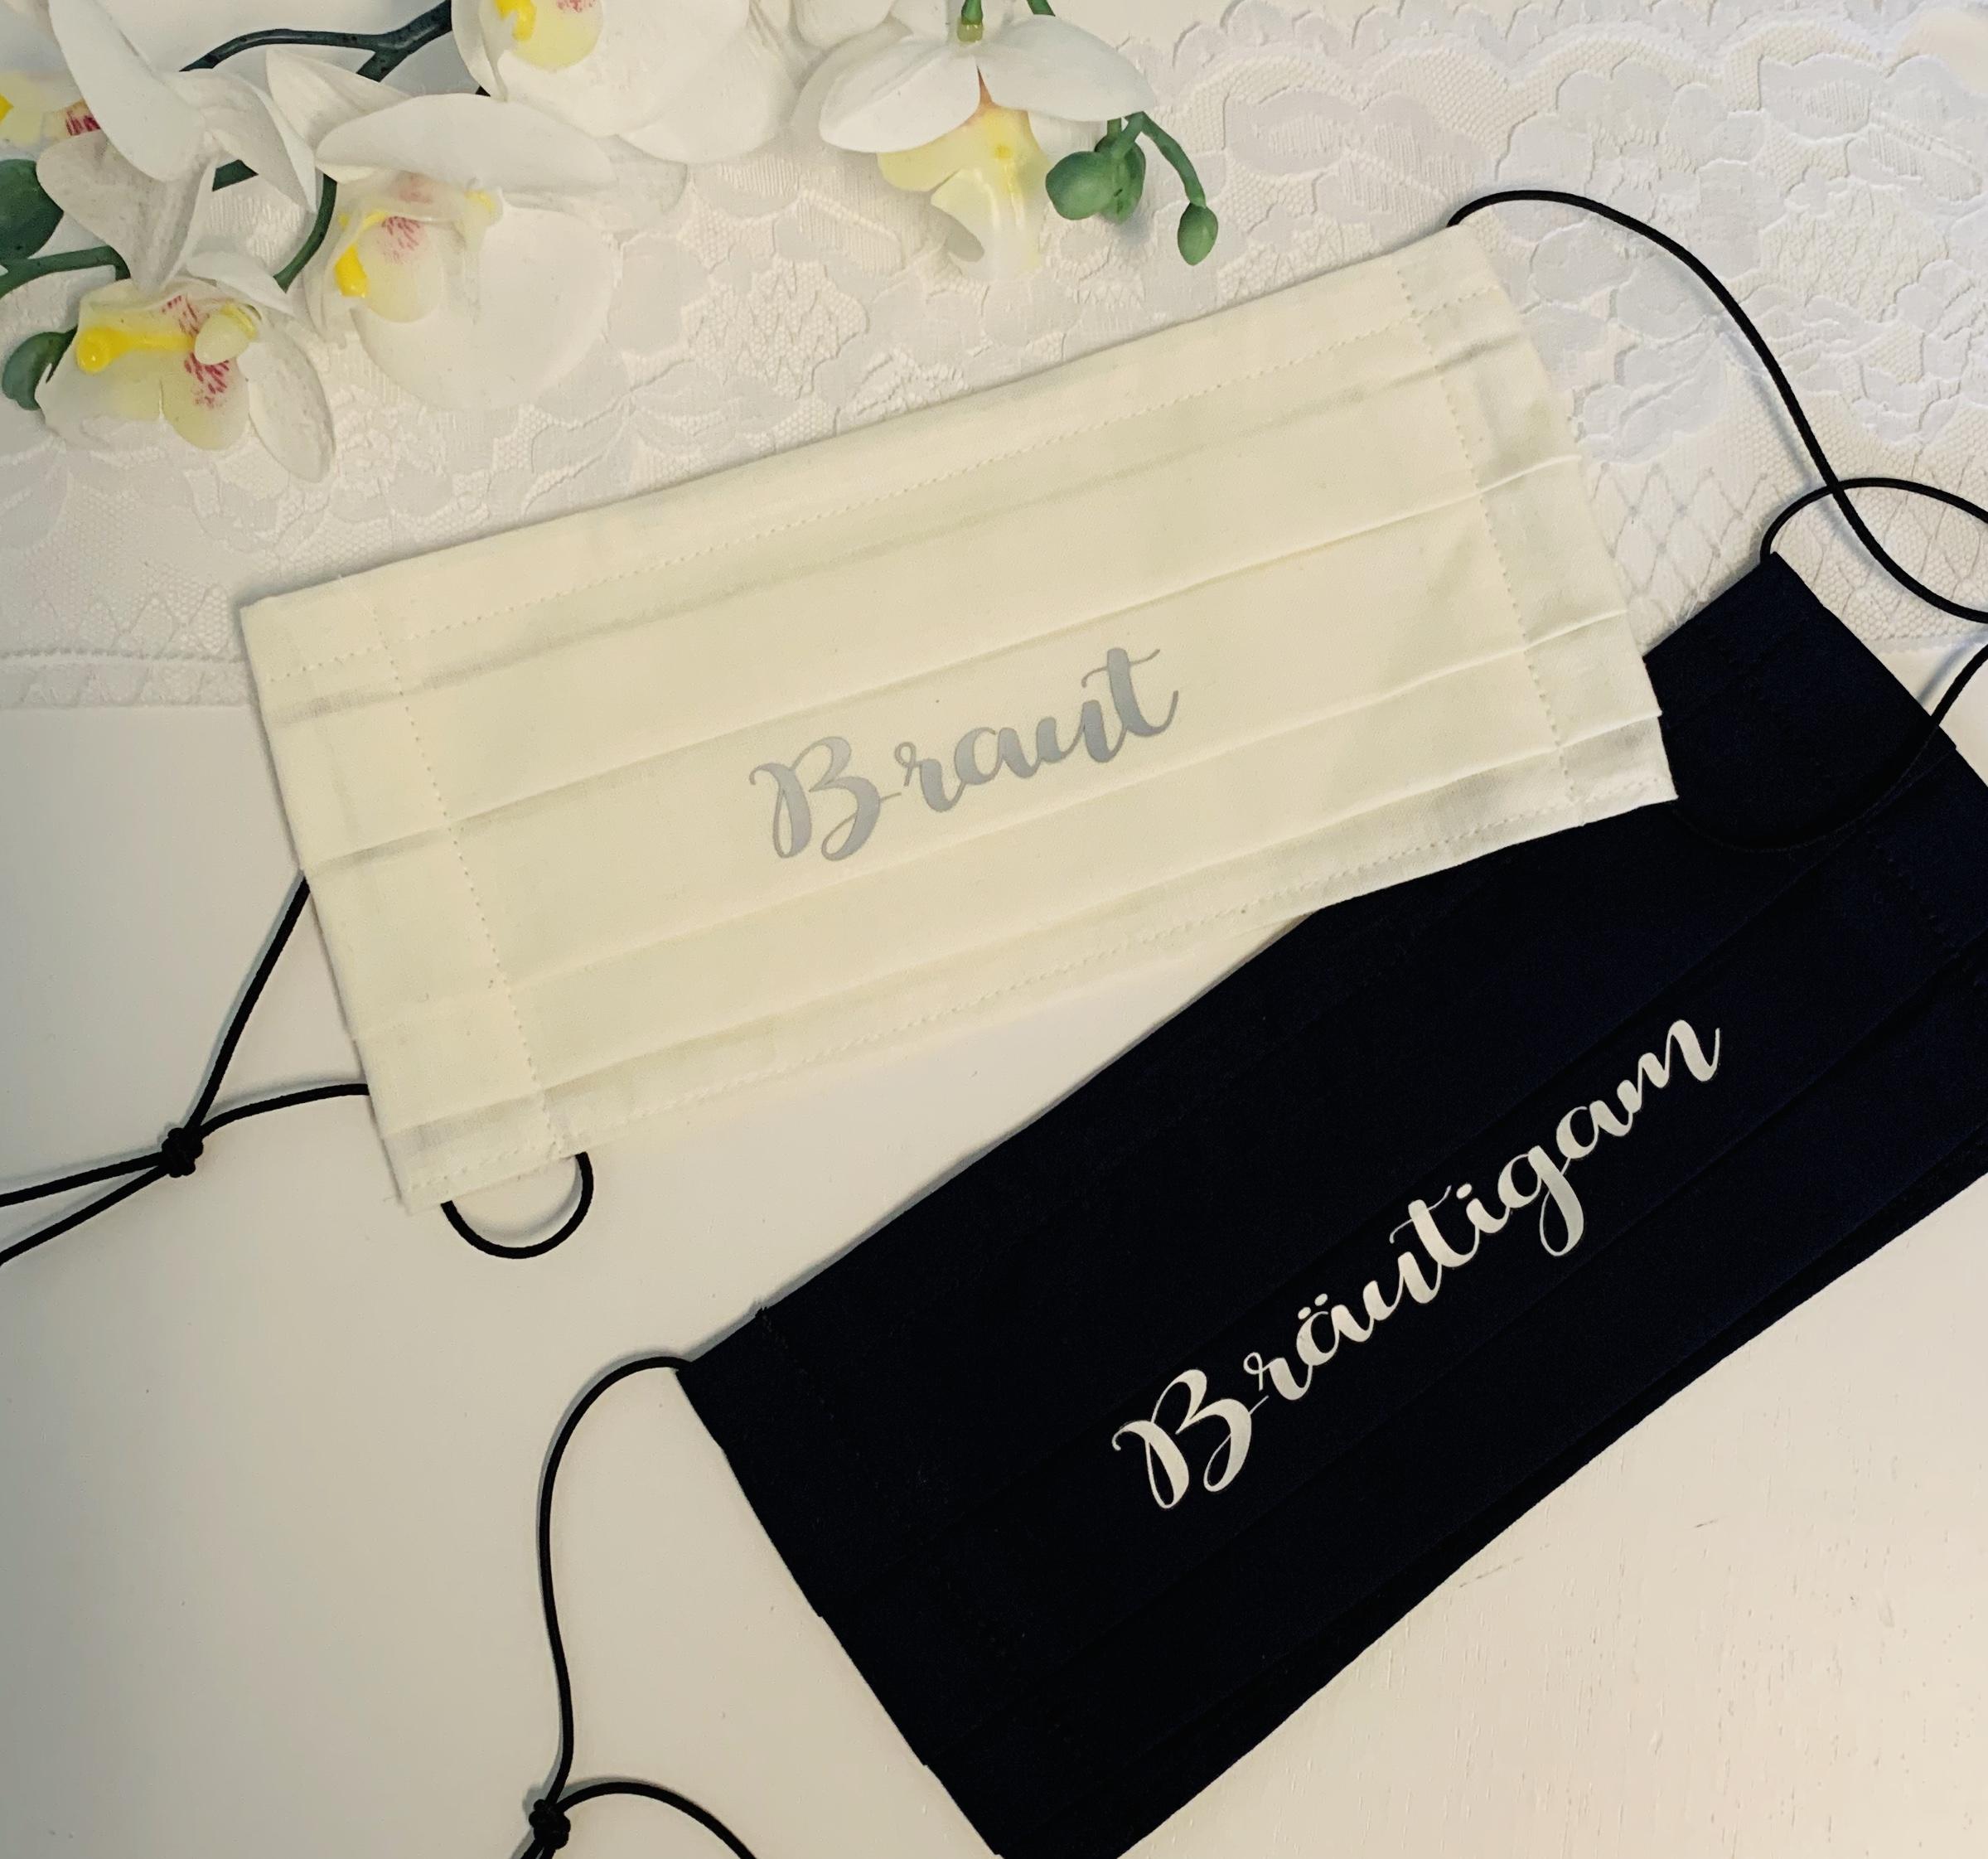 1 Stück Nasen-Mund-Bedeckung für Hochzeit BEDRUCKT